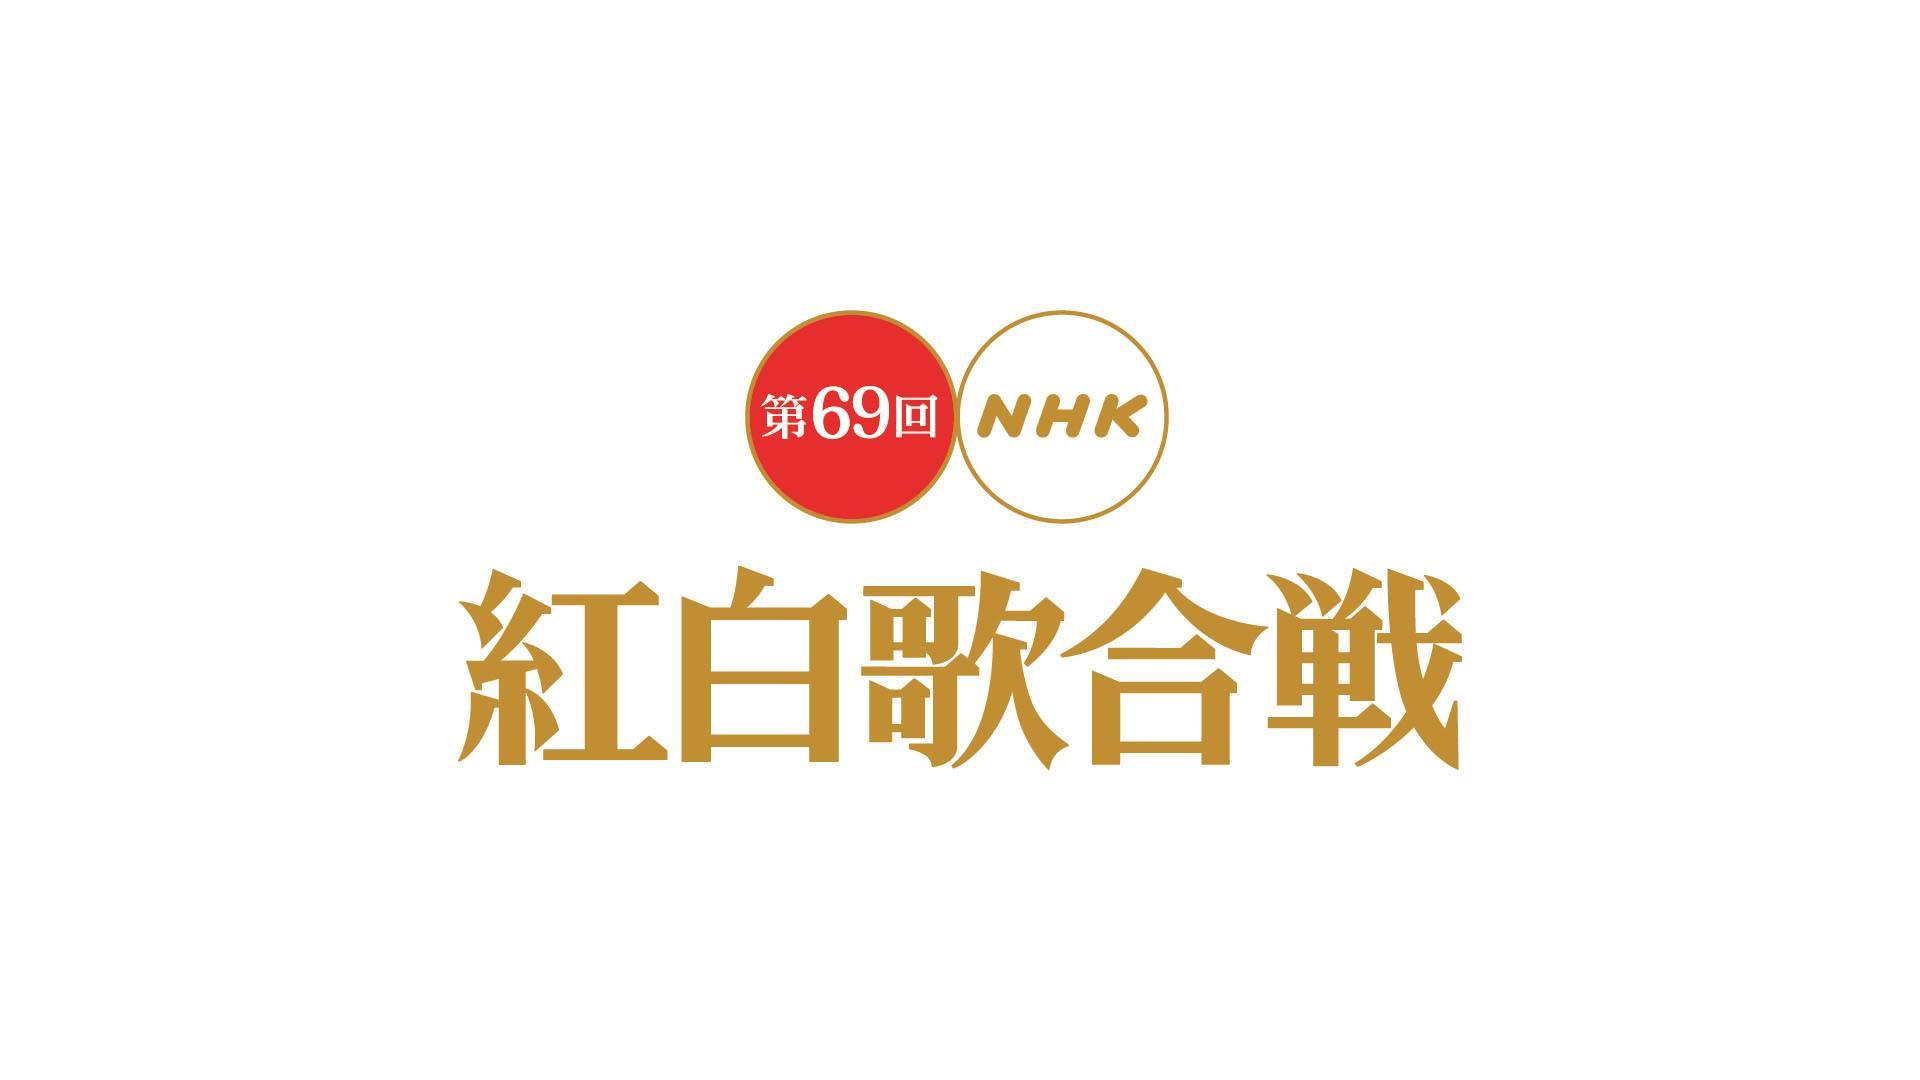 第69回NHK紅白歌合戦 グランドオープニング